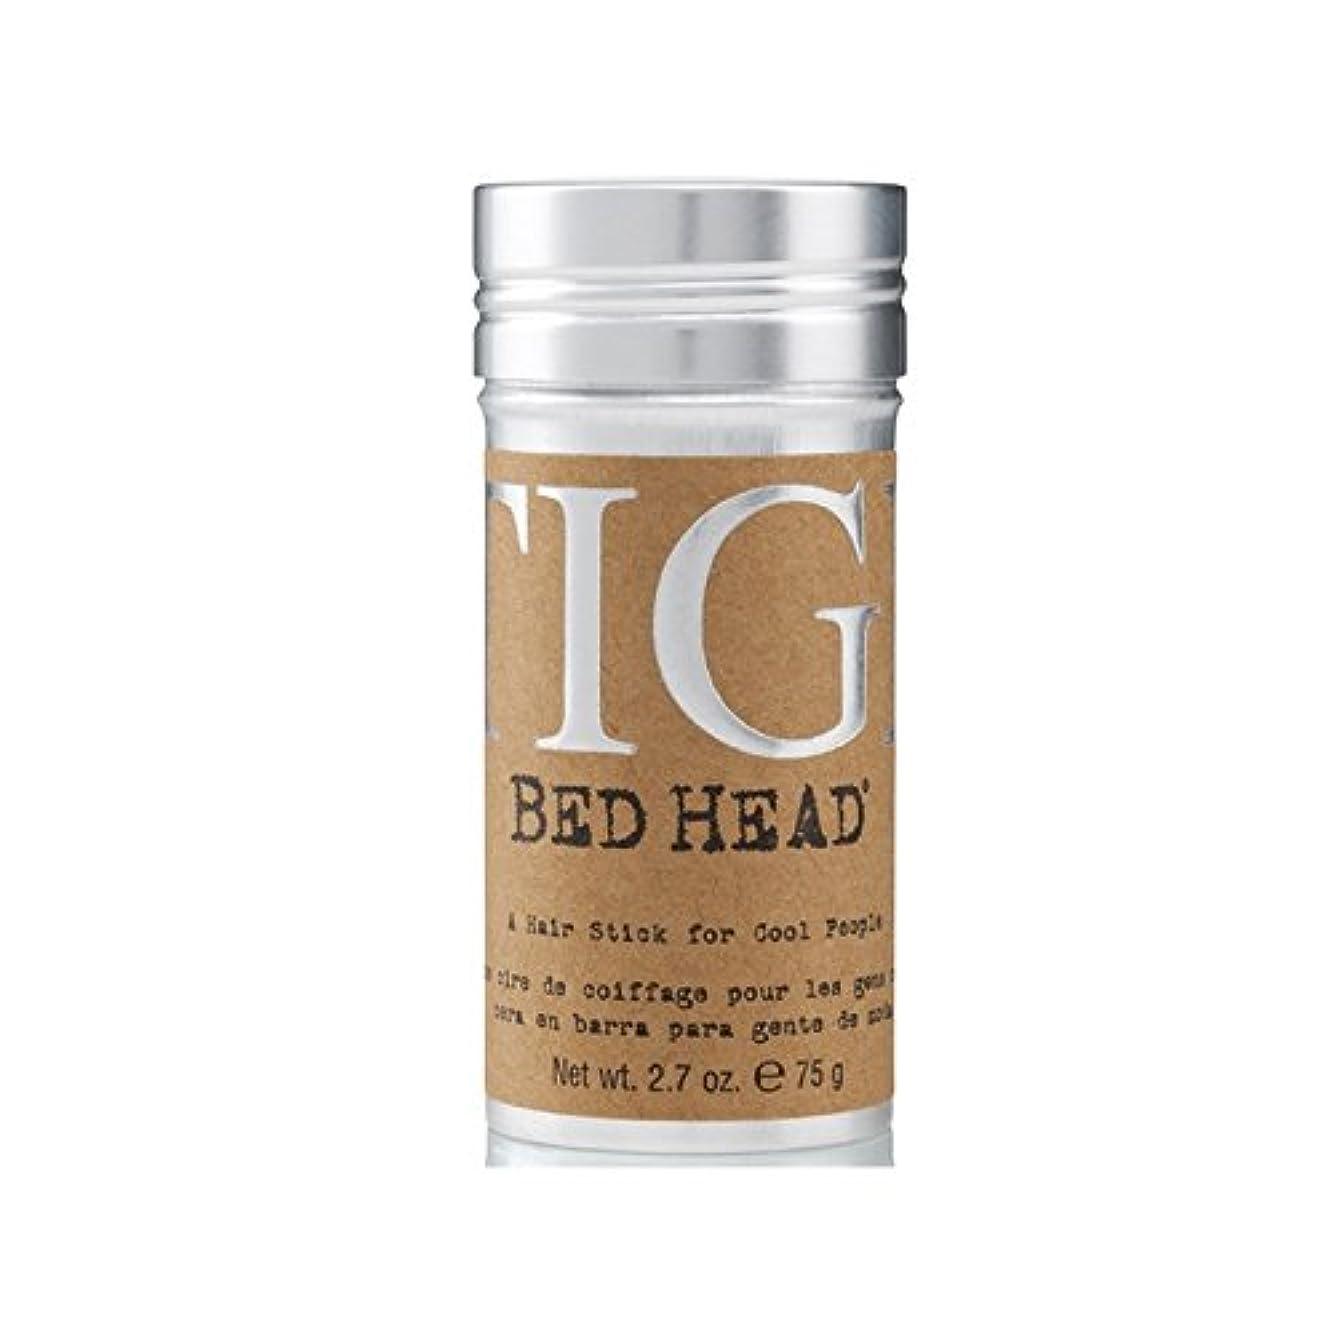 財団家禽フォーラムティジーベッドヘッドワックススティック(75グラム) x2 - Tigi Bed Head Wax Stick (75G) (Pack of 2) [並行輸入品]